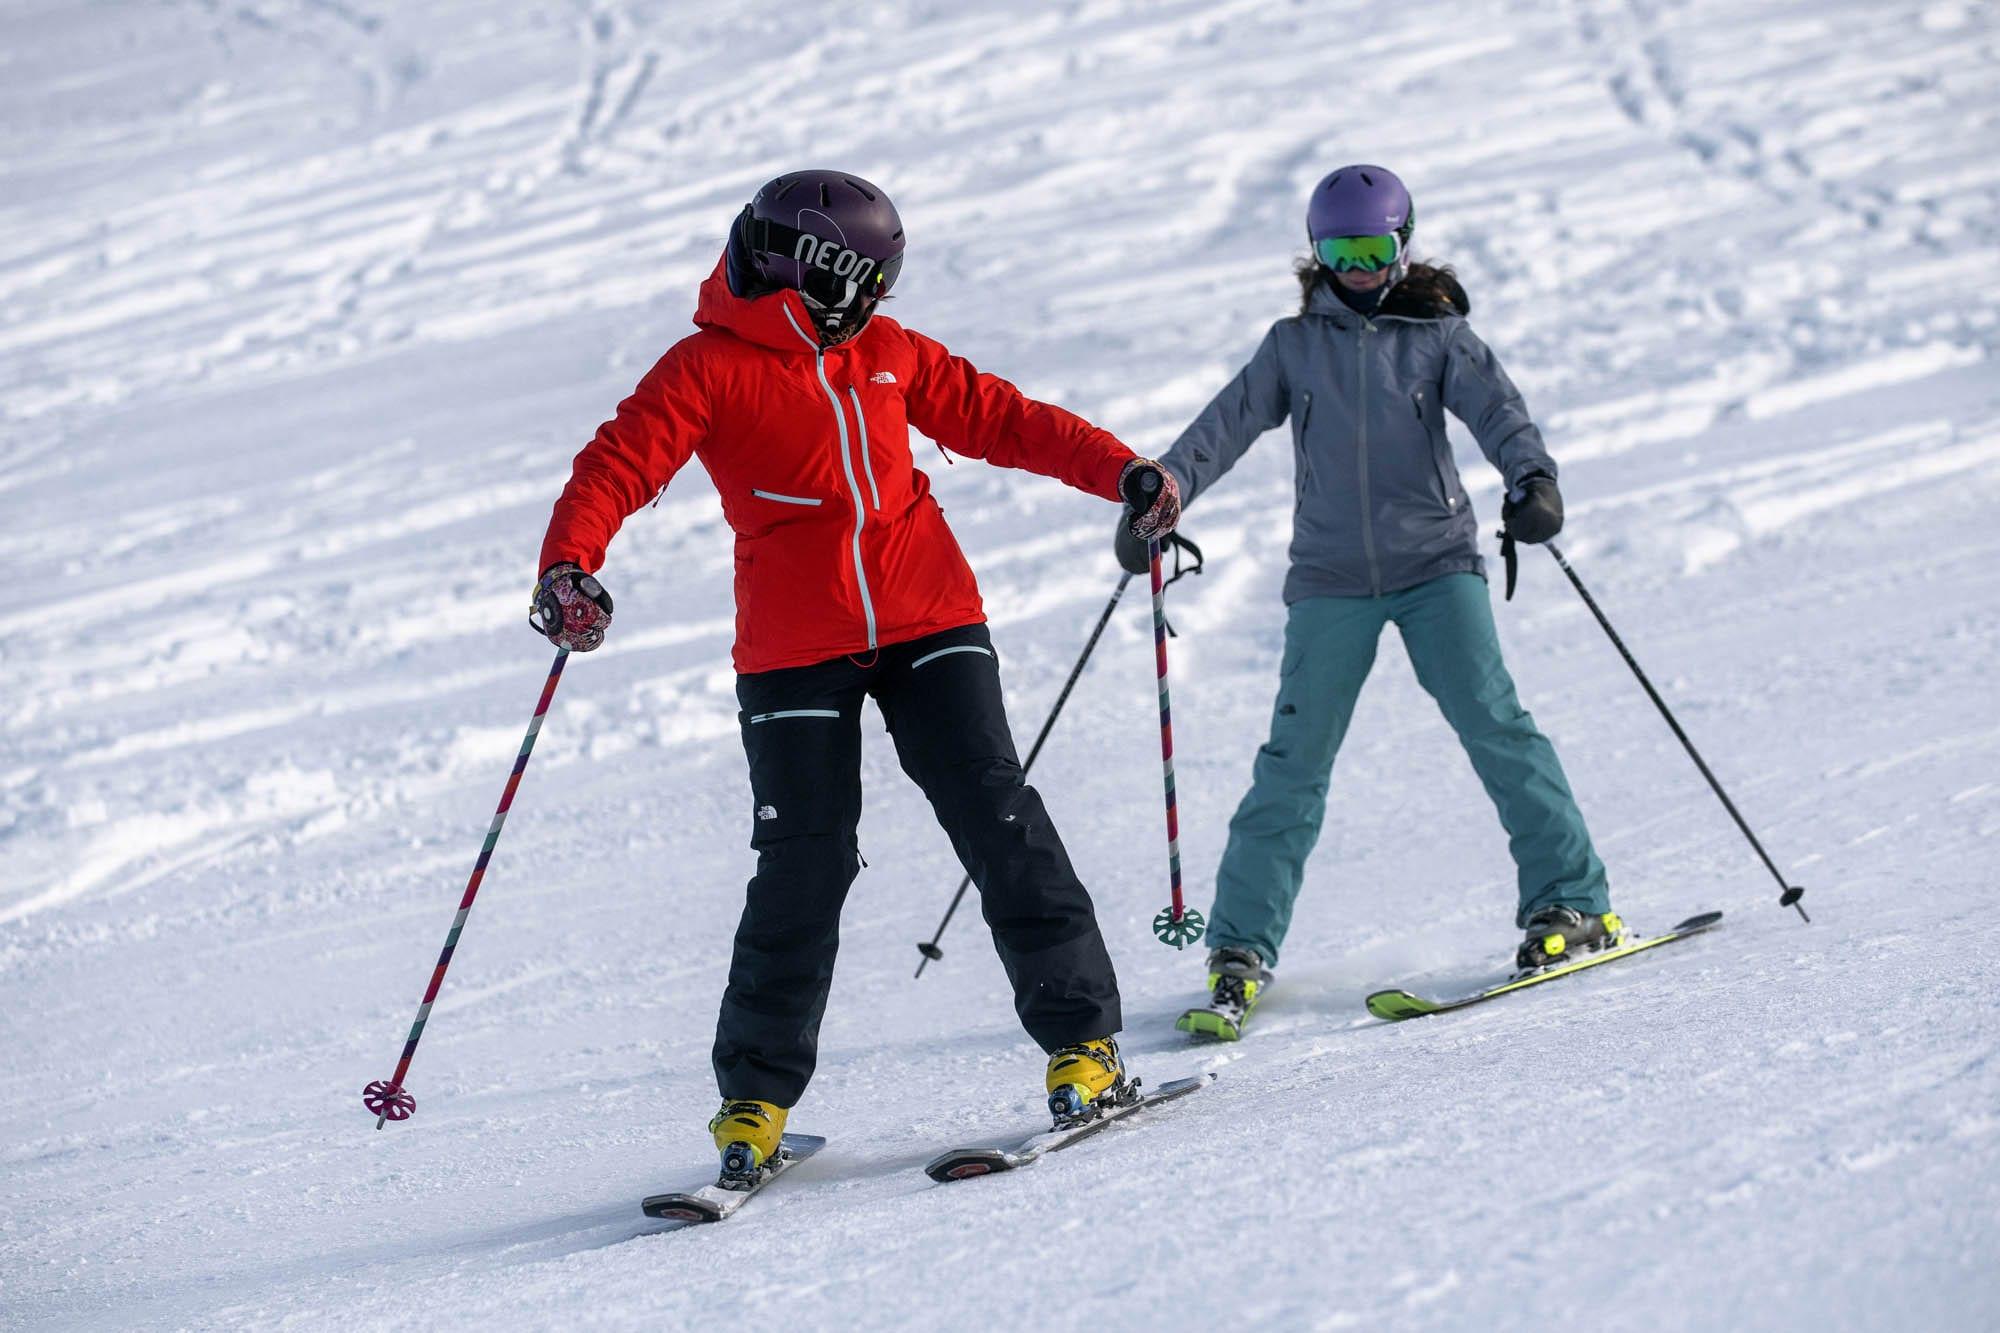 beginner skier snowplough learn to ski better skier